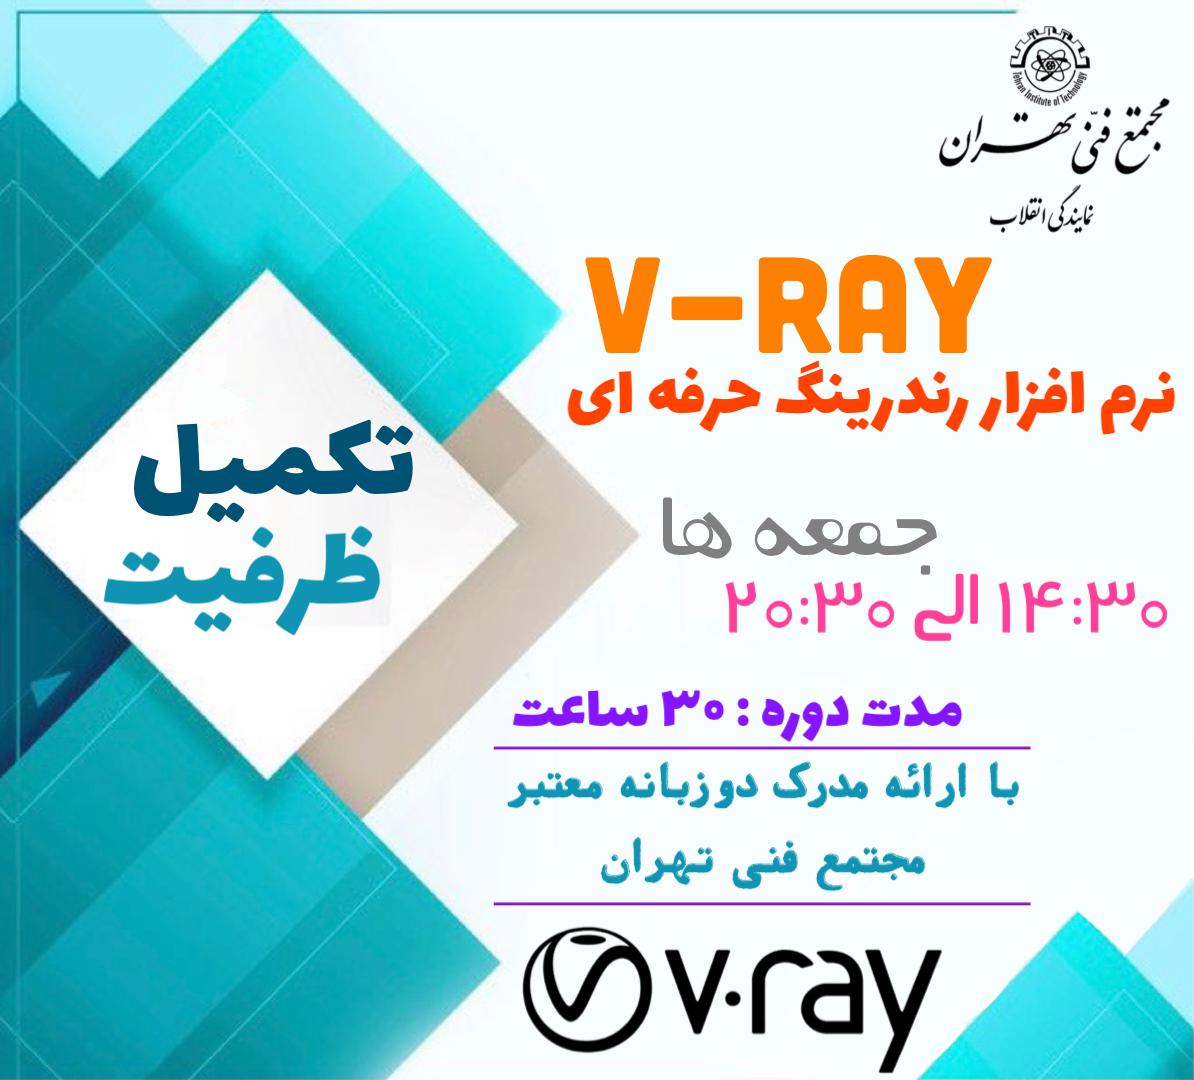 دوره آموزش رندرینگ V-ray